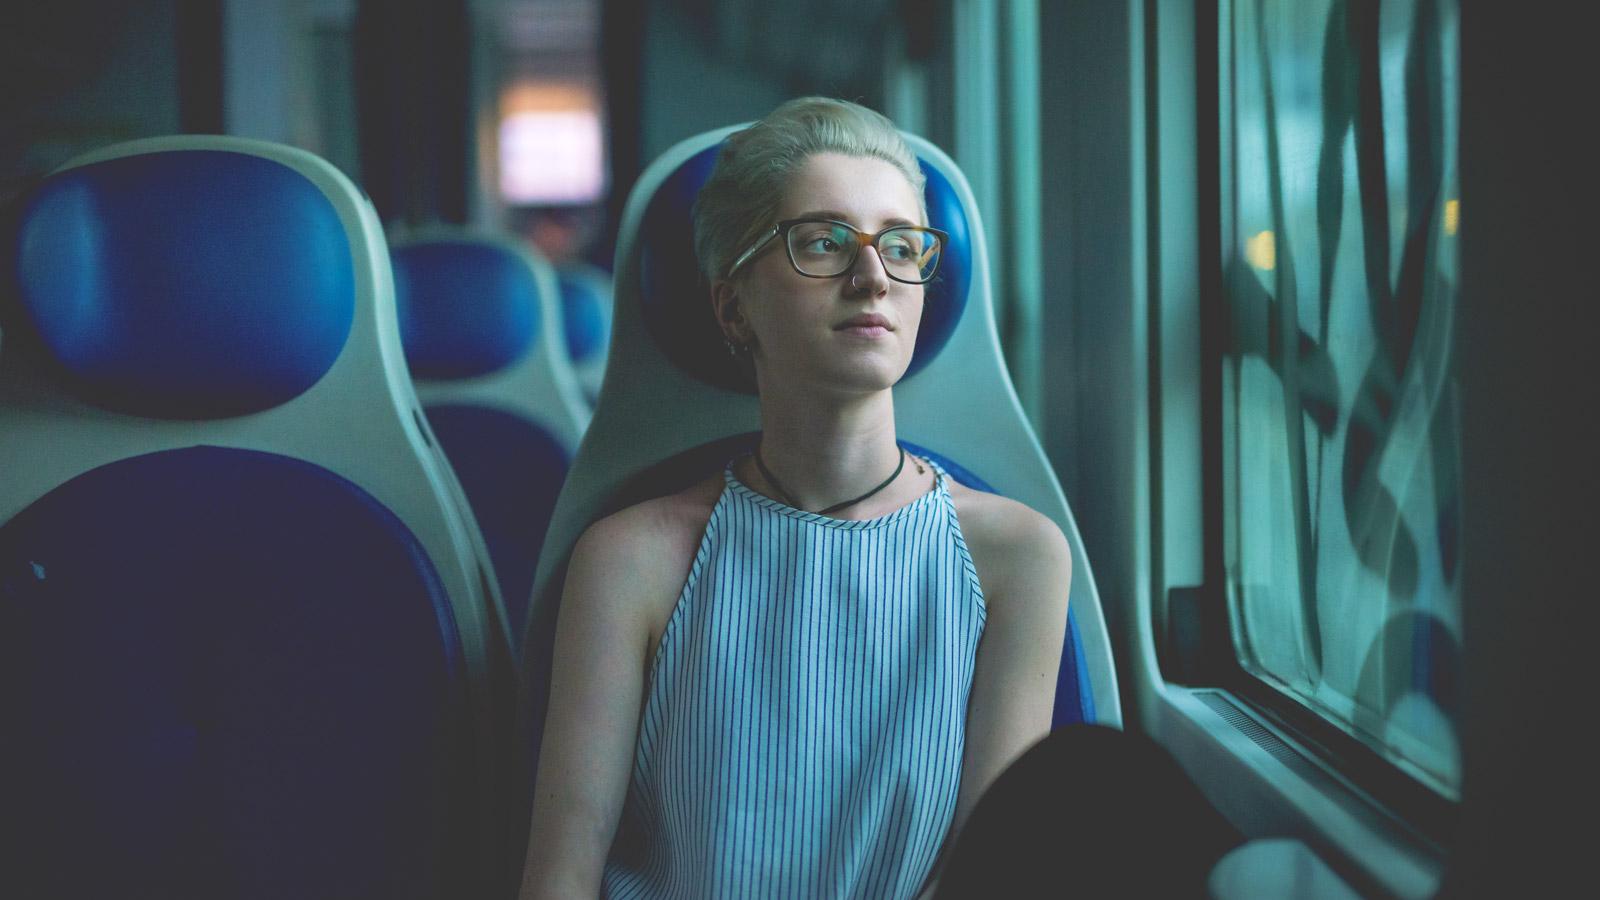 Transport przyszłości - Raport o perspektywach rozwoju transportu Unia Europejska mediarun kobieta transport pociag 2019